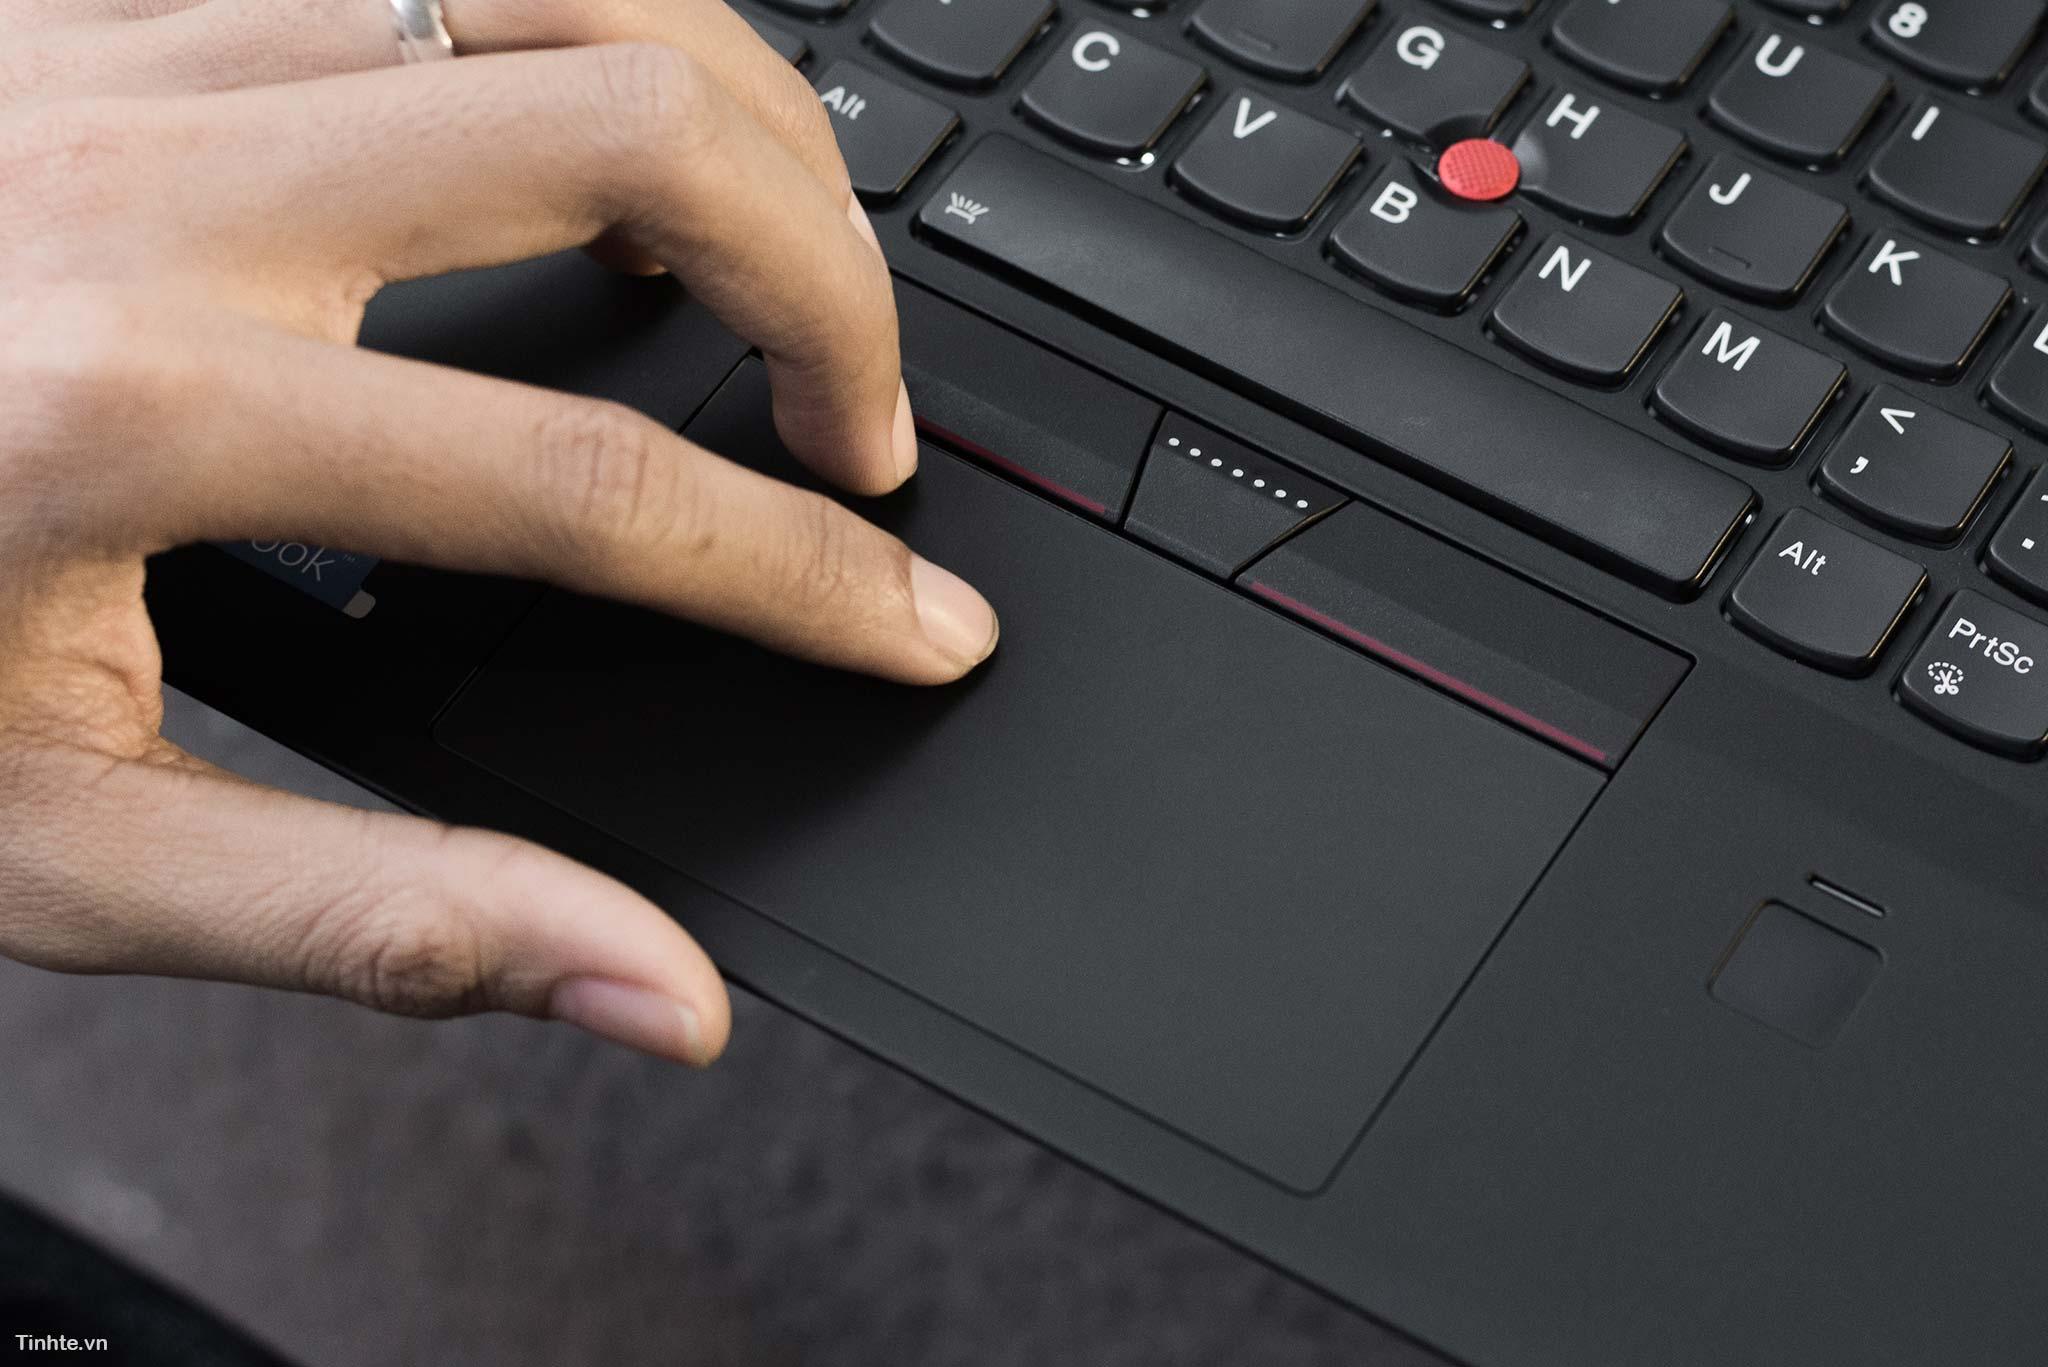 ThinkPad X1 cacbon - laptop cao cấp cho doanh nhân 40653314